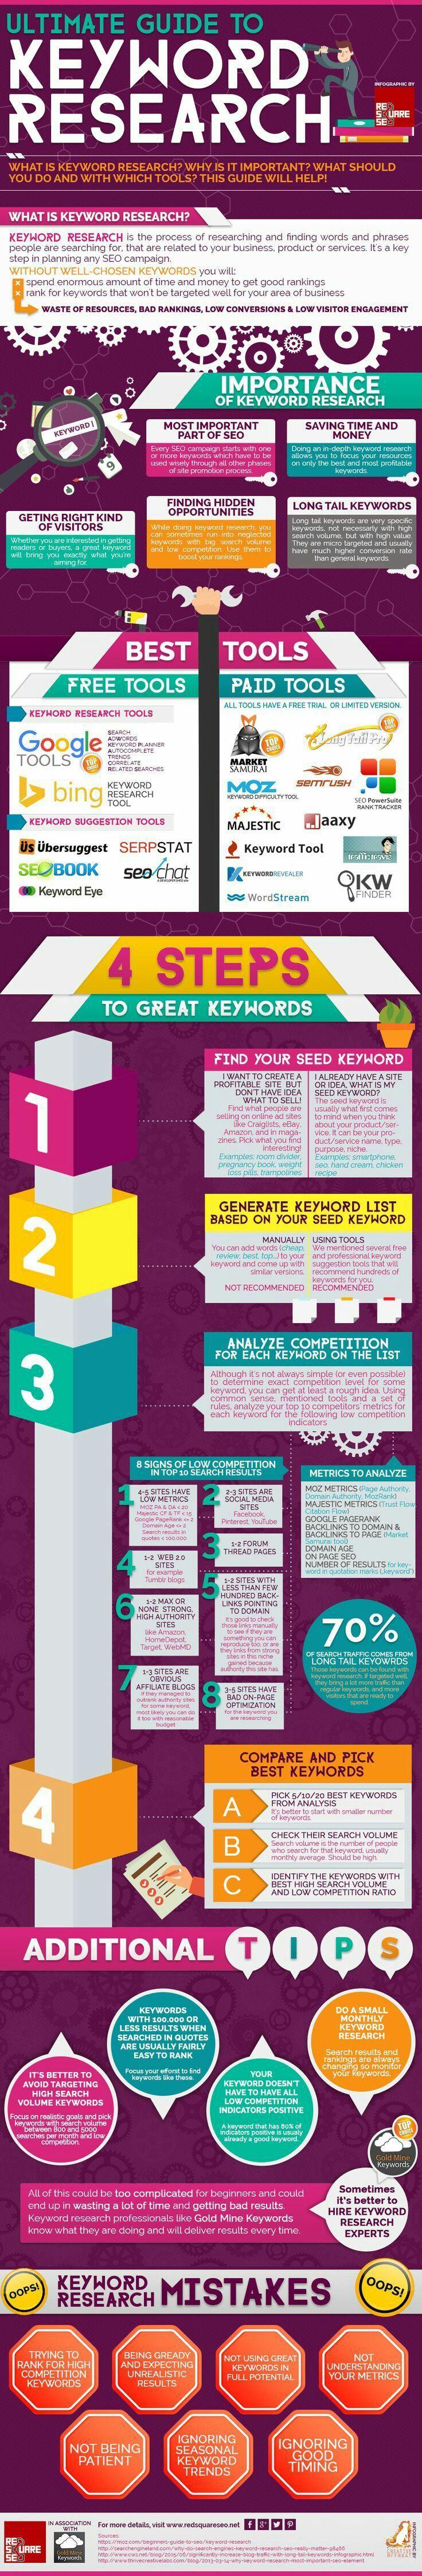 Advertising-Infographics-Infografiche-immagini-statistiche-e-spunti-di-riflessione-raccolte-sul-web-o-pr Advertising Infographics : Infografiche, immagini statistiche e spunti di riflessione raccolte sul web o pr...